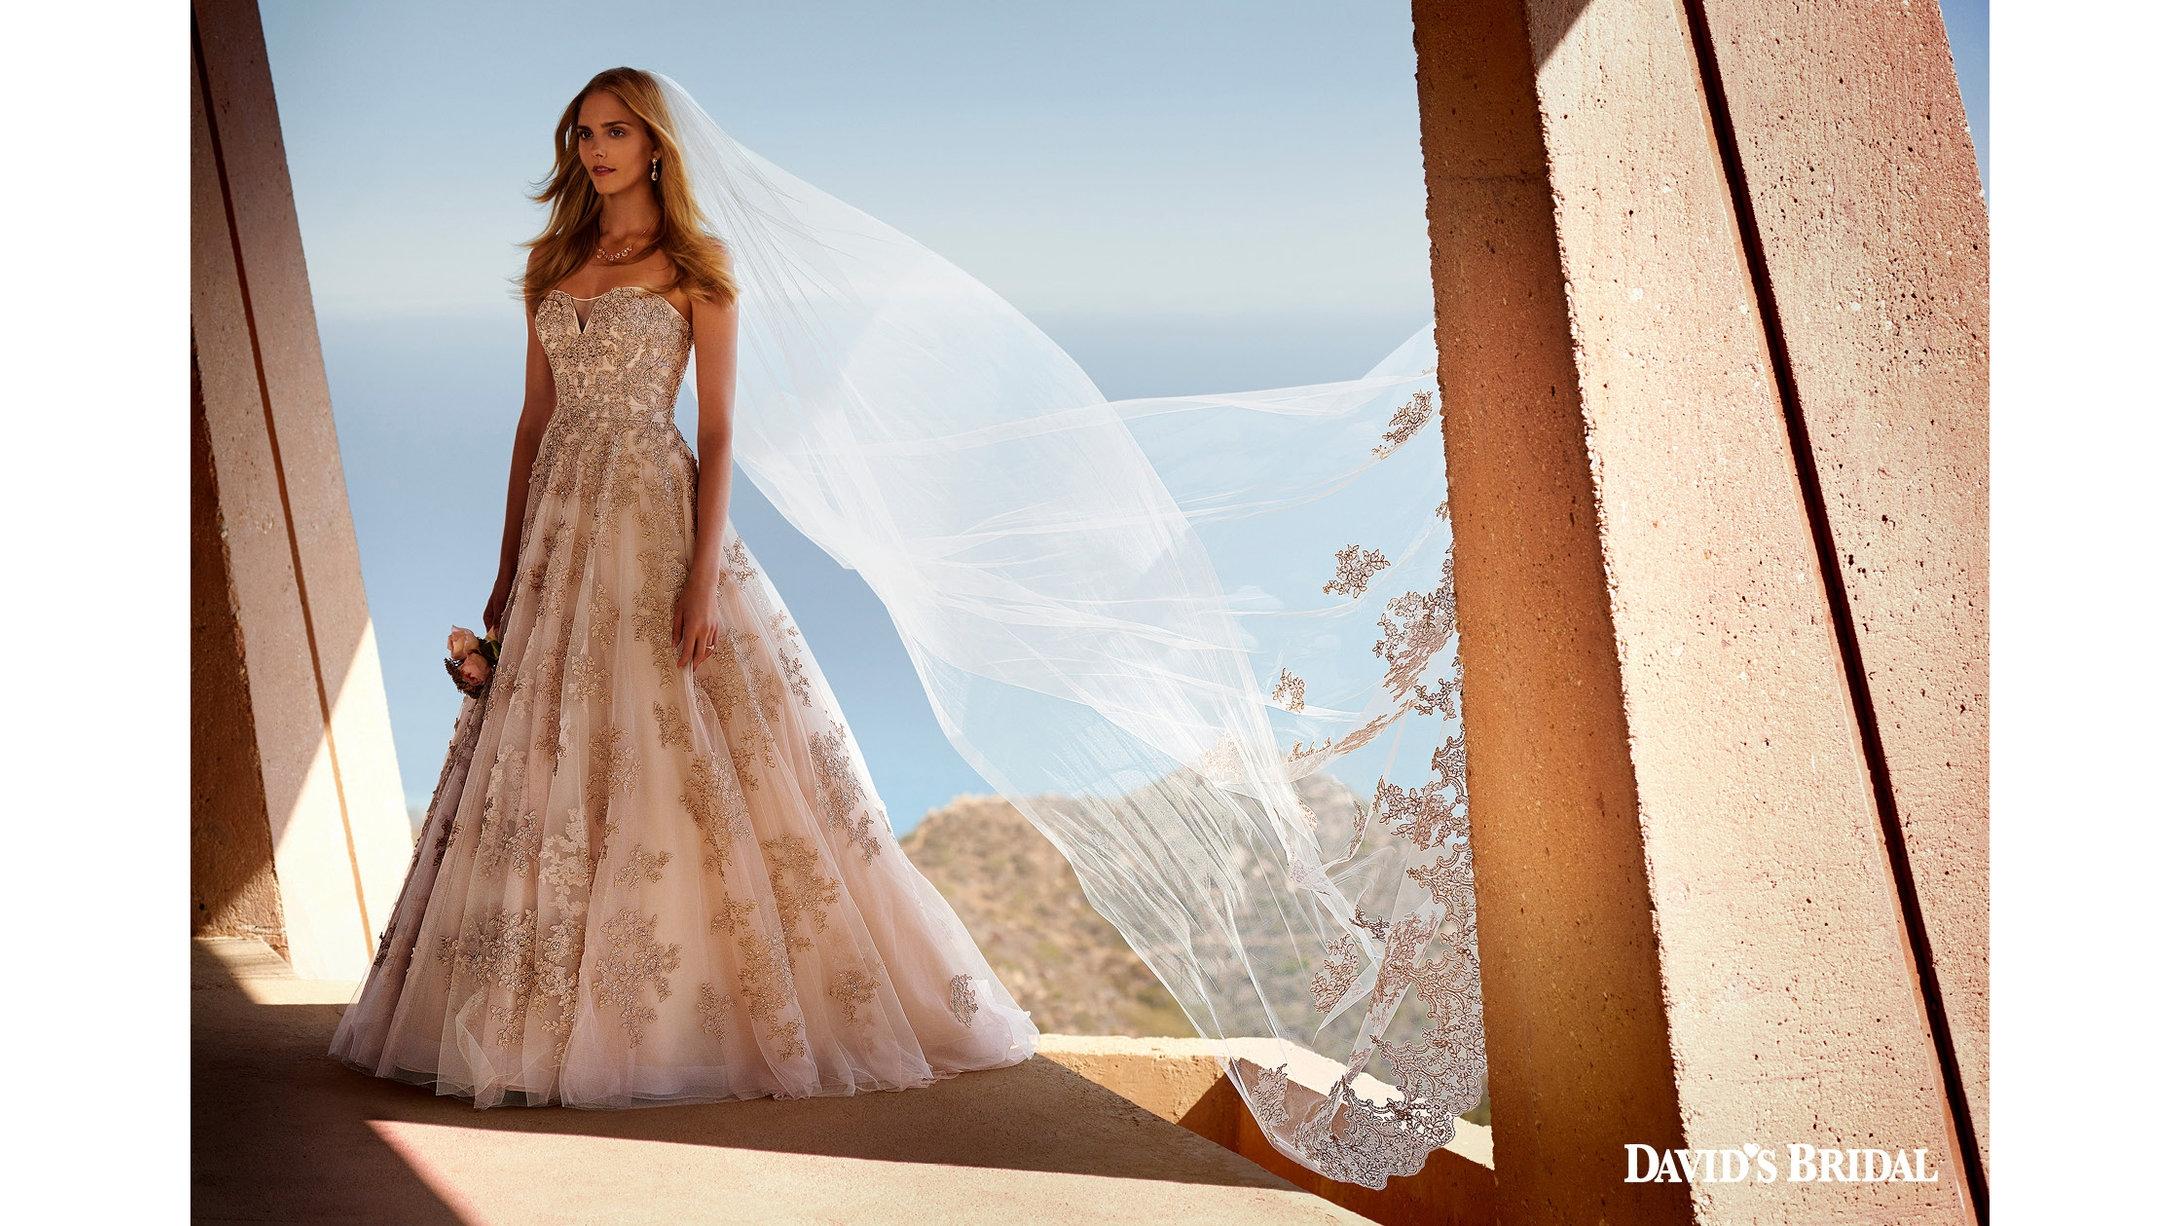 client: david's bridal